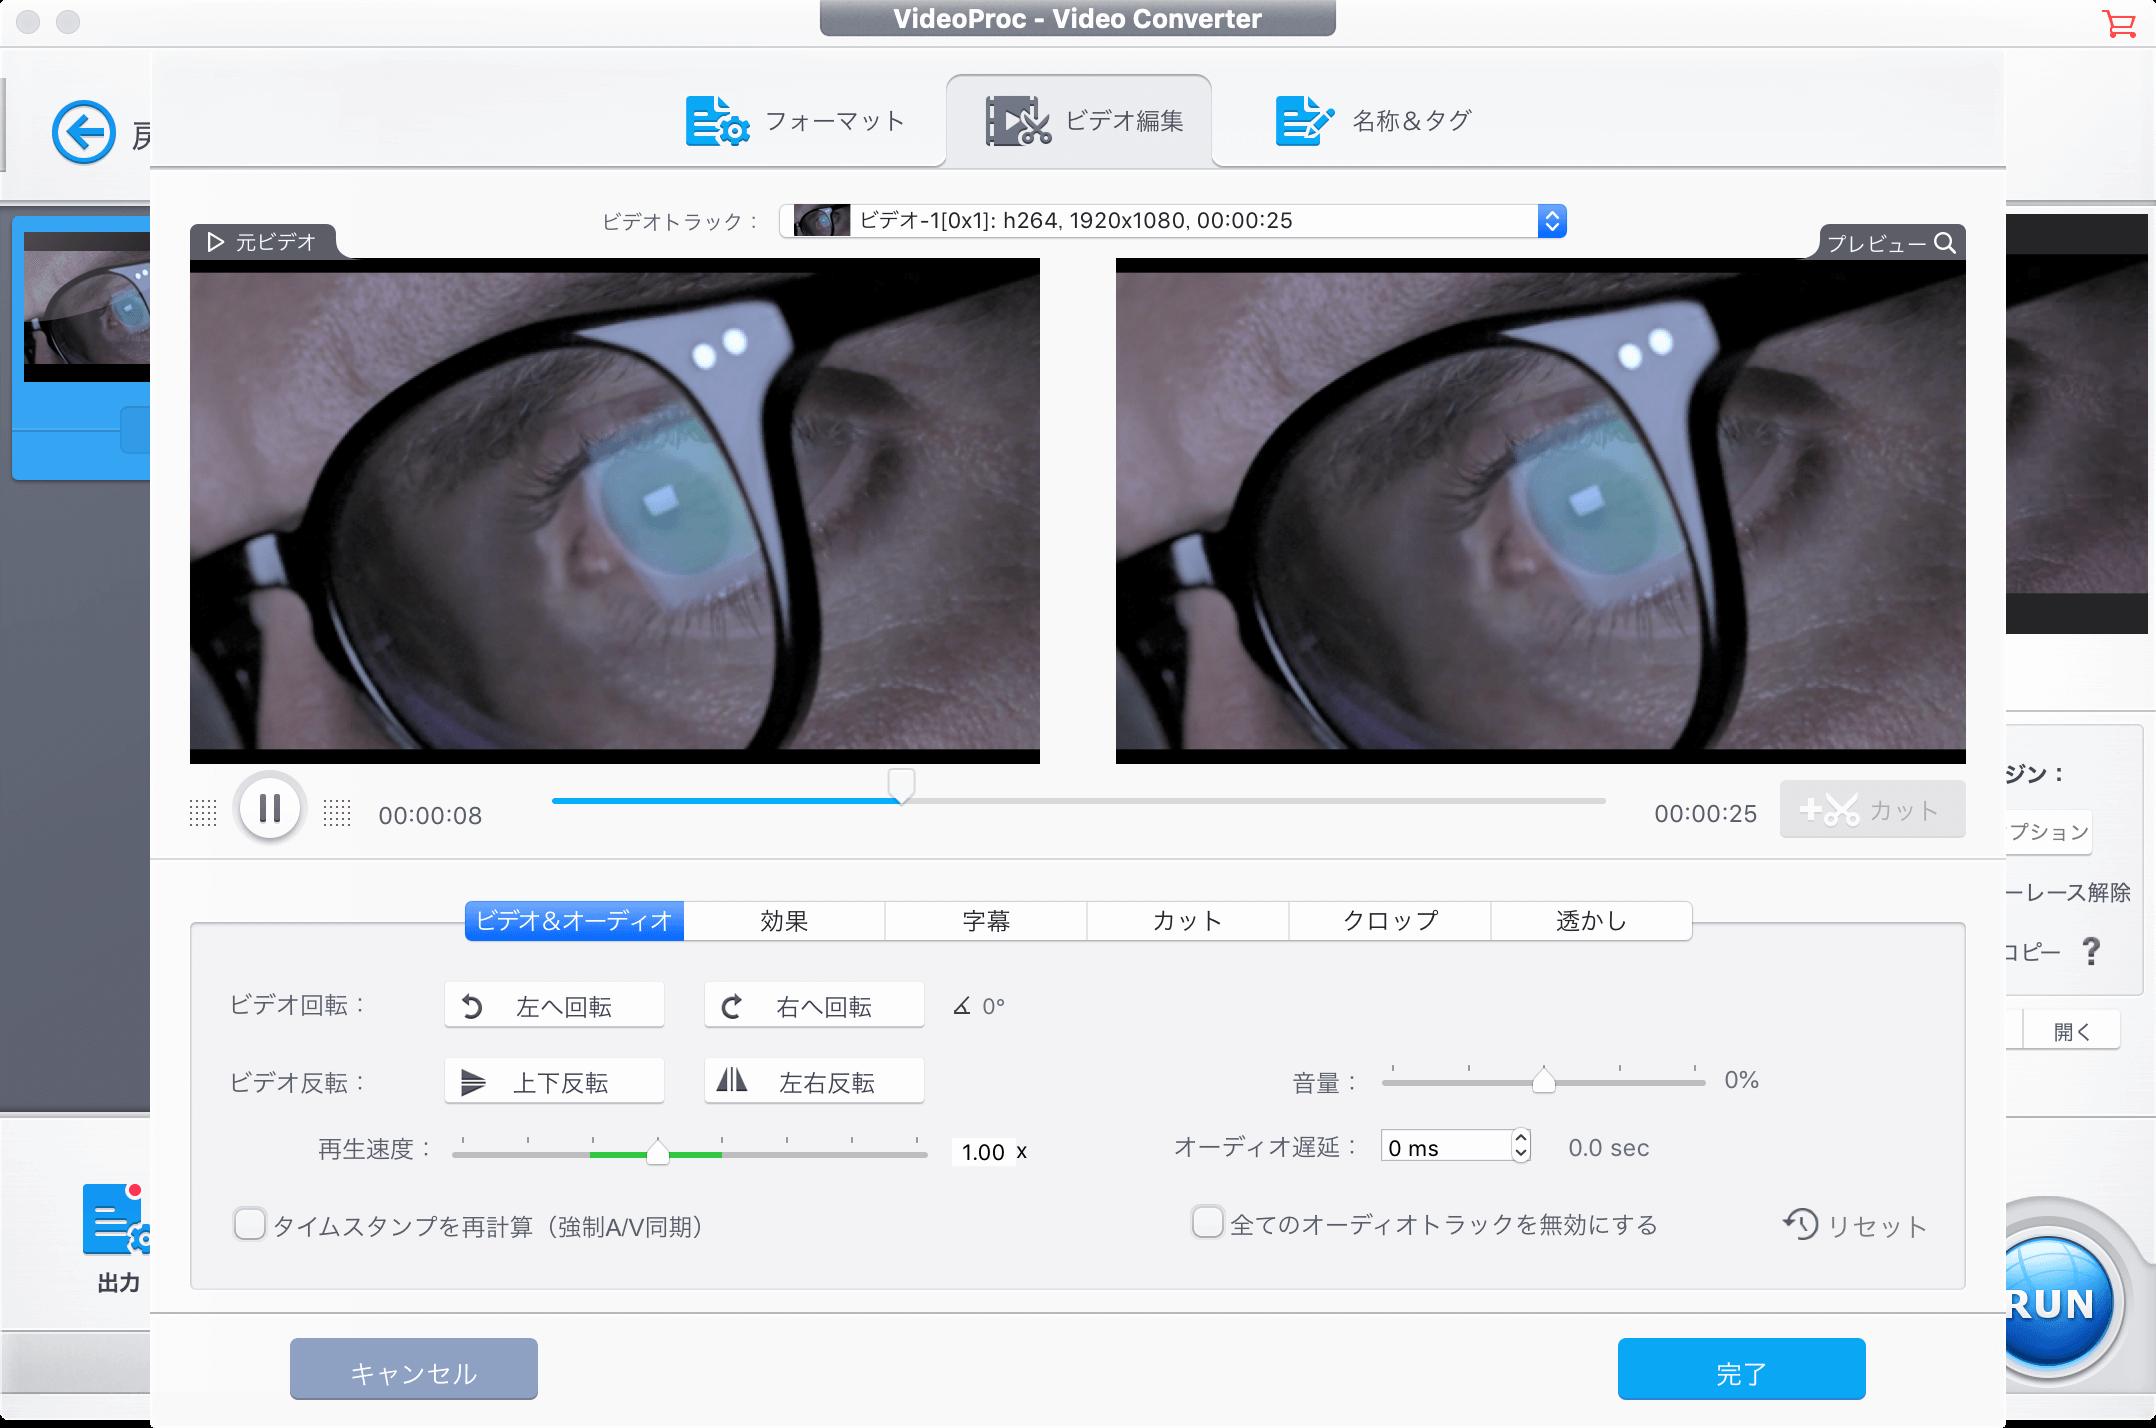 VideoProc 動画編集